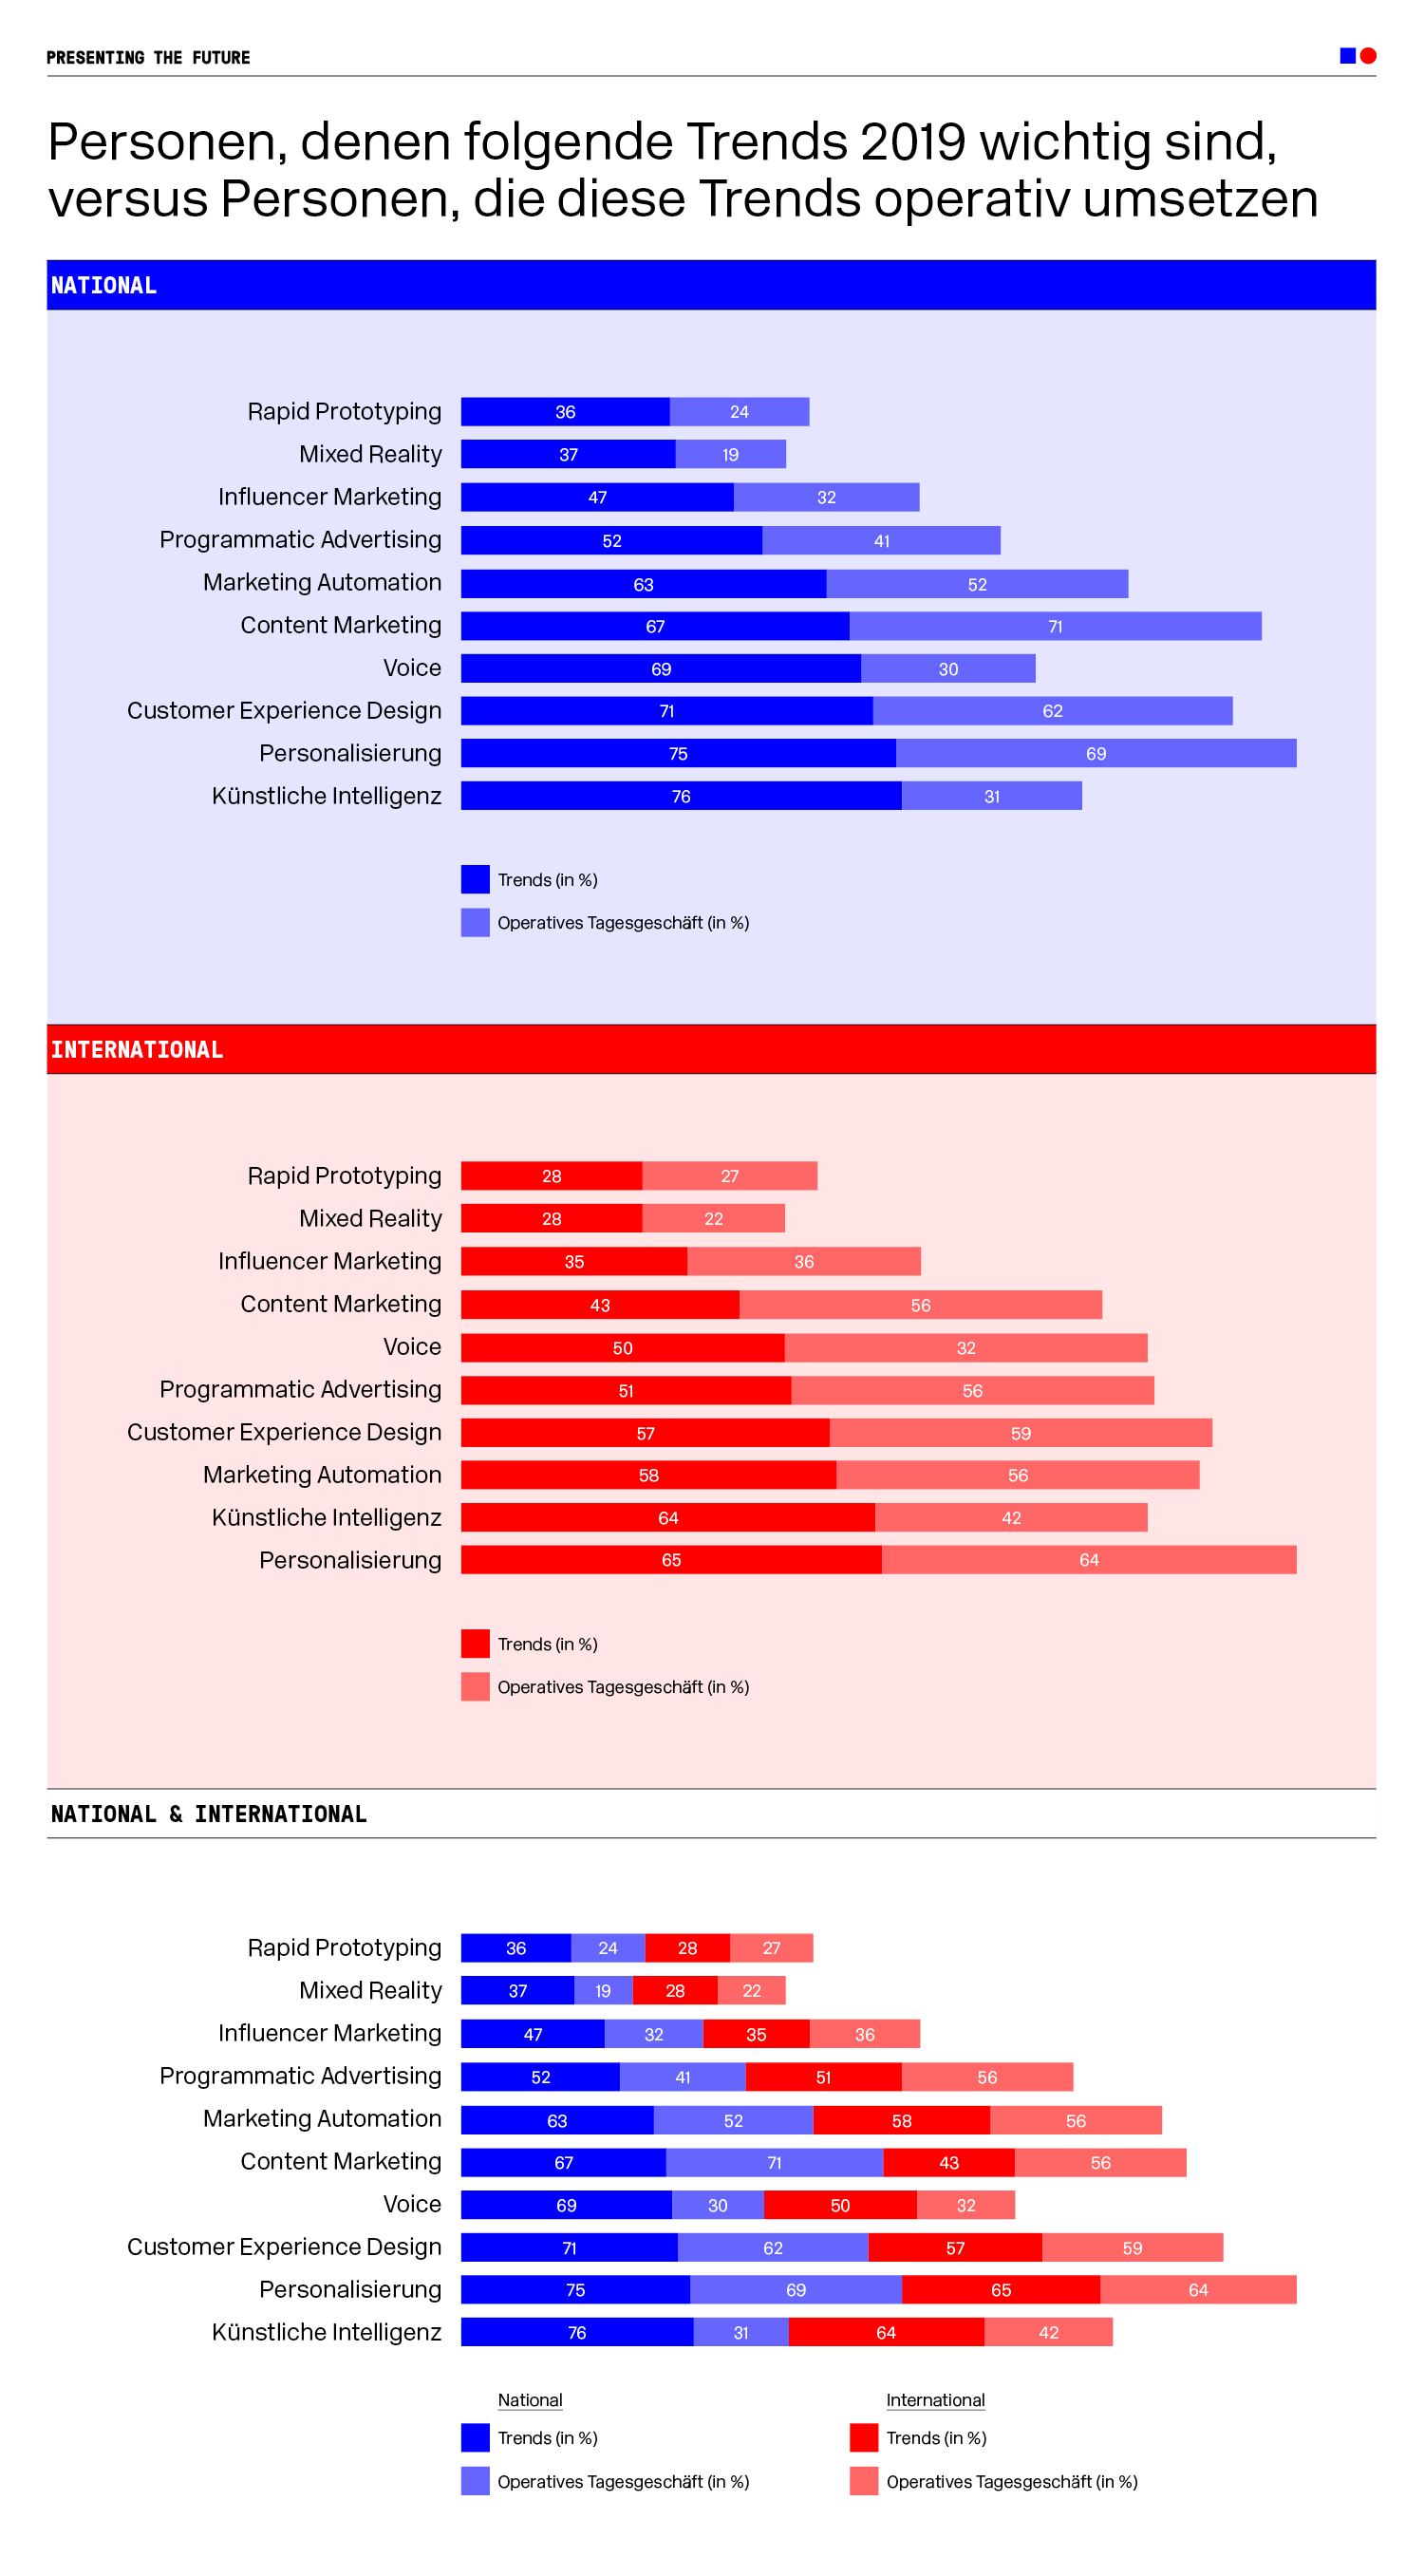 Infografiken zum Thema Trends 2019 versus Peronen, die diese Trends operativ umsetzen